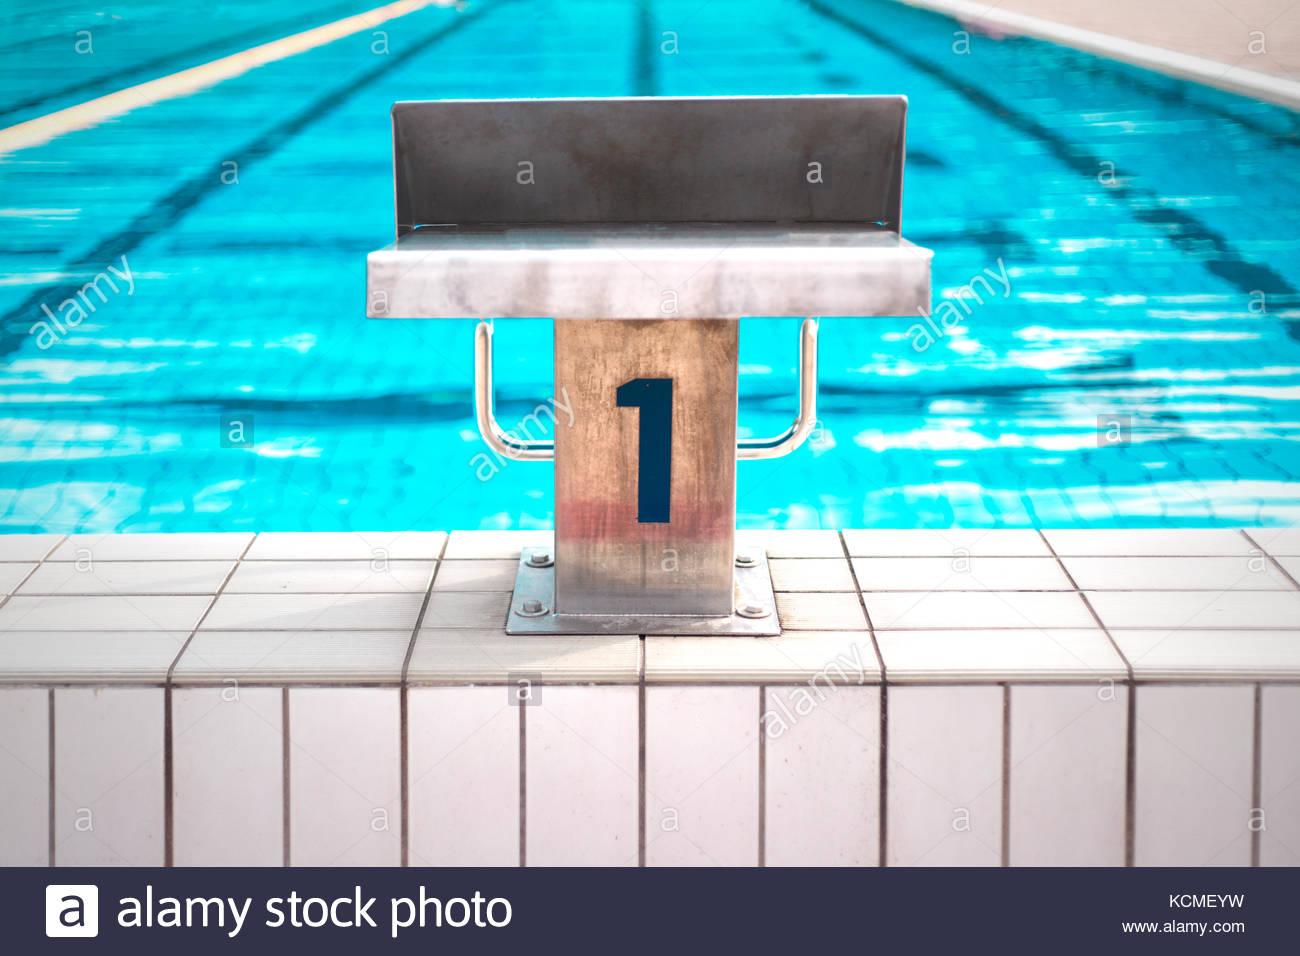 Posición de inicio de metal con azul número 1 en la piscina exterior. Imagen De Stock